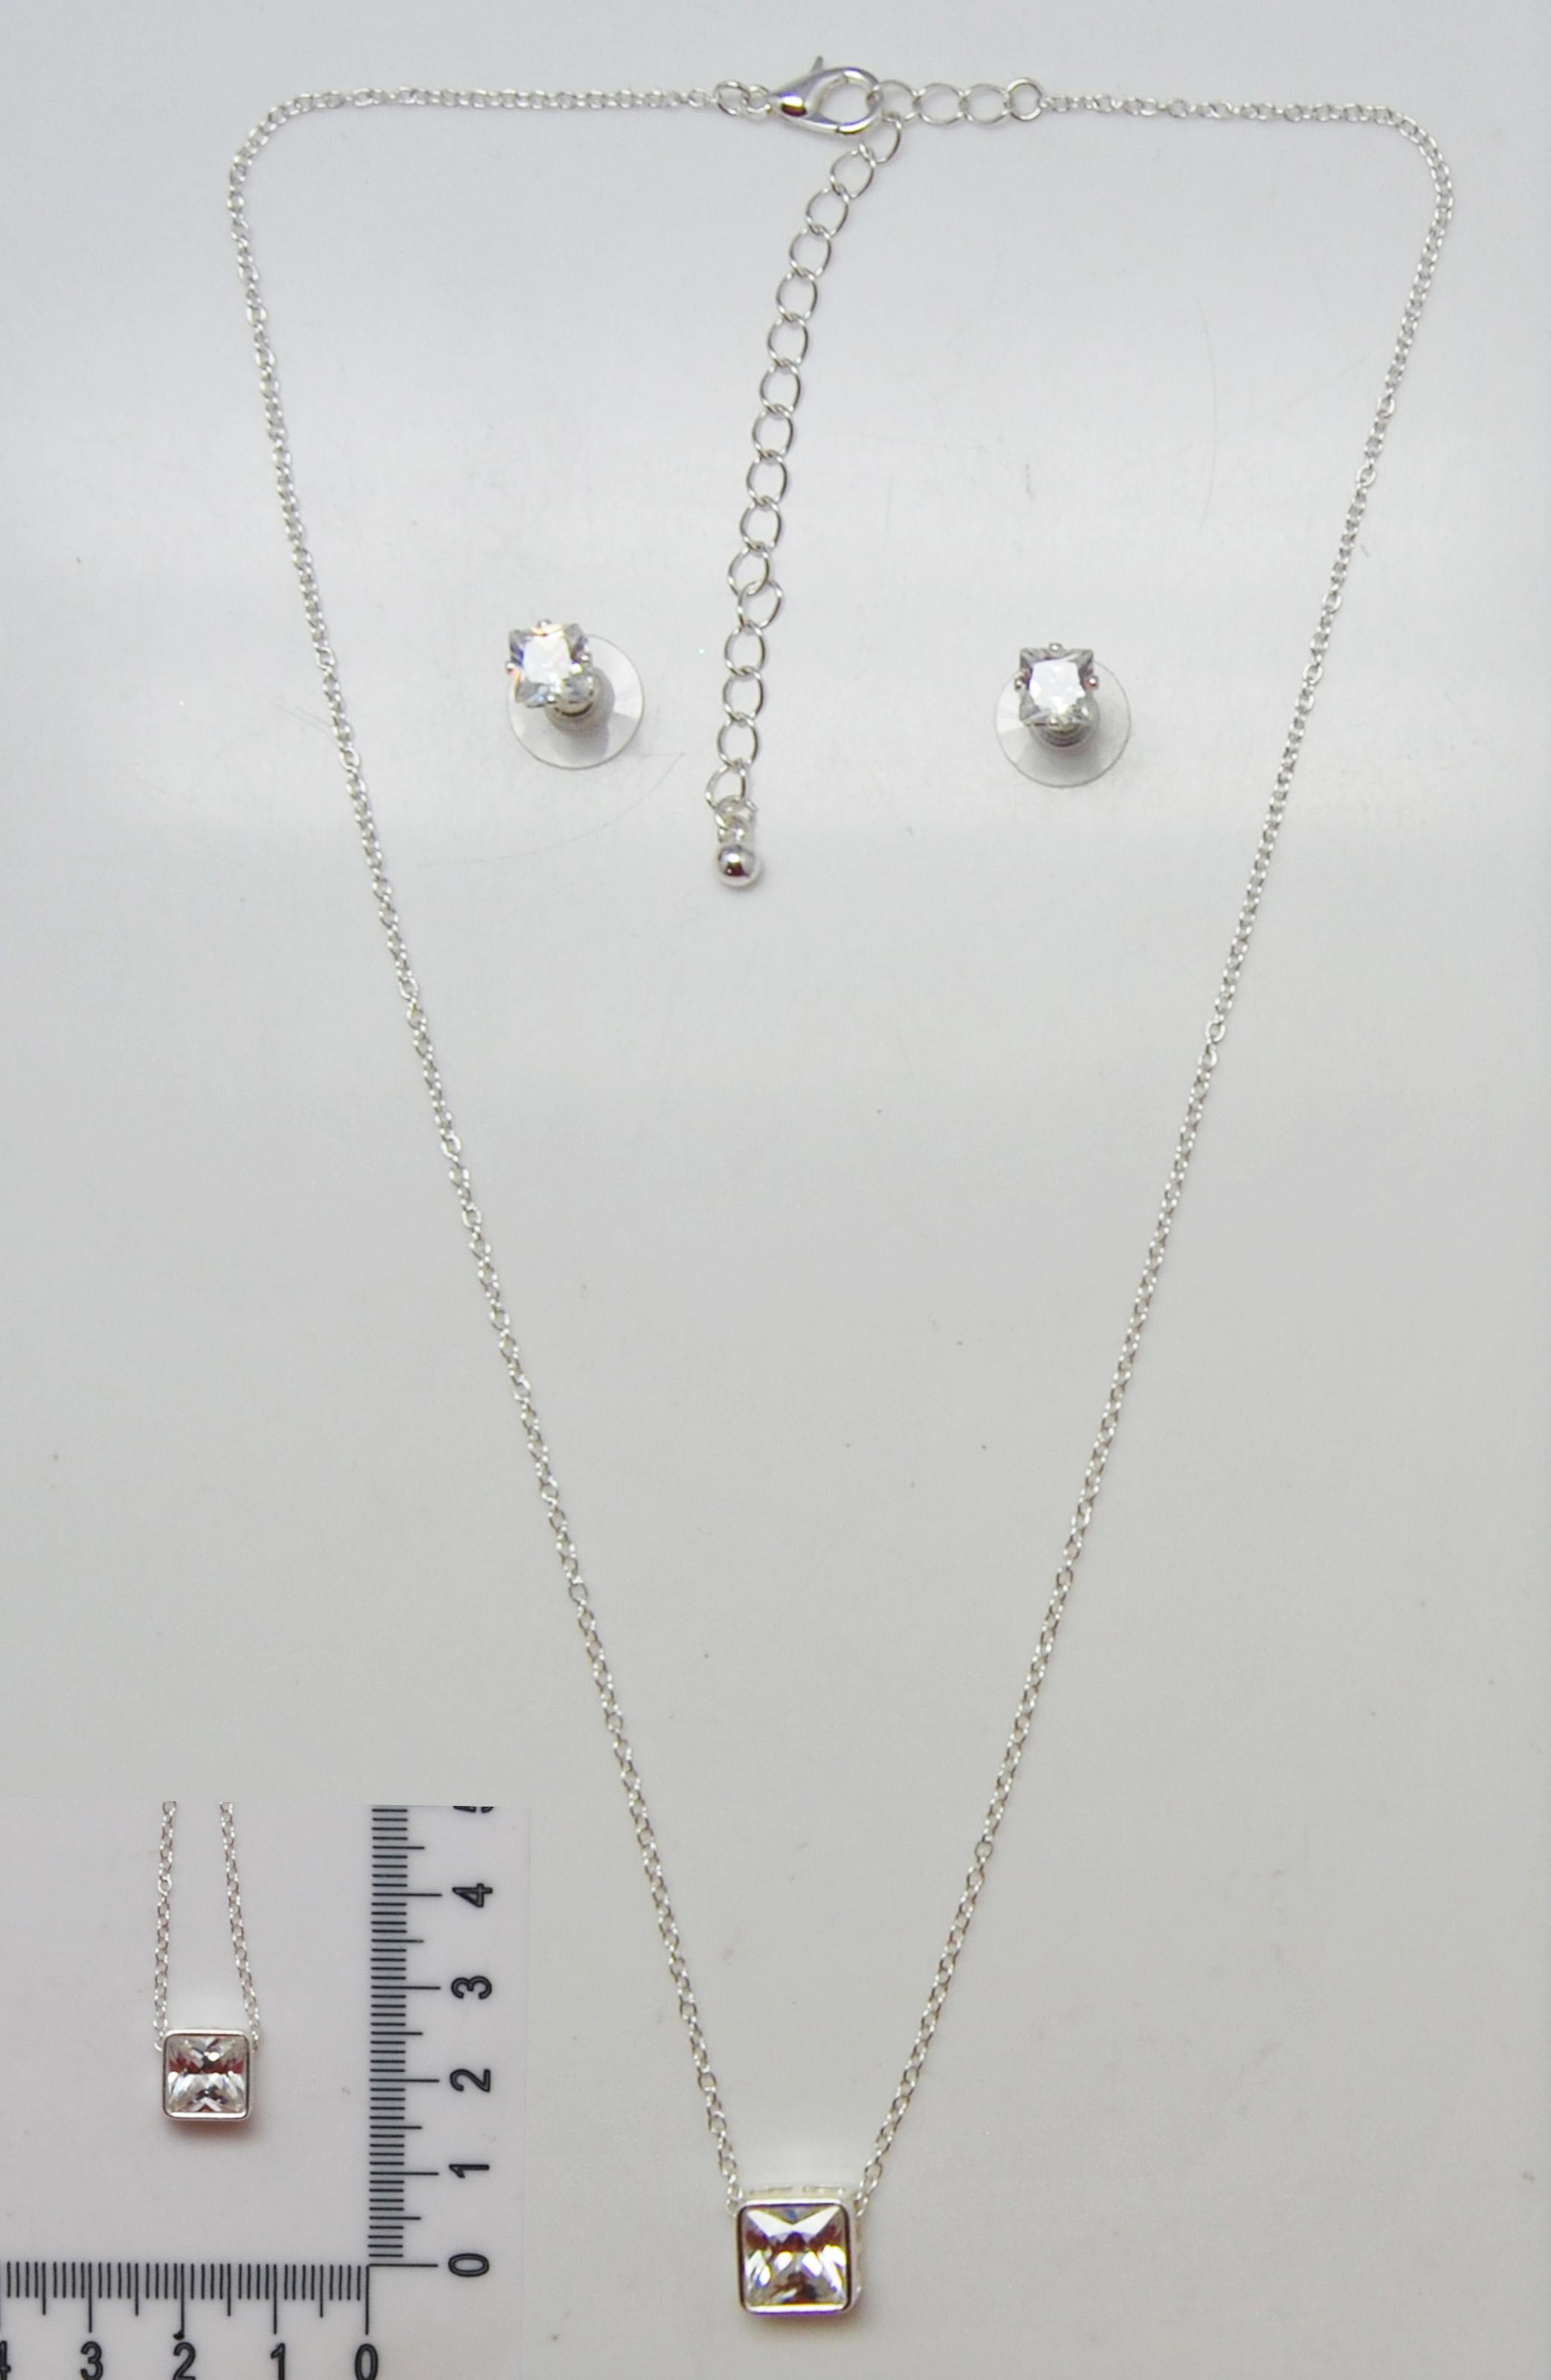 小巧精美方形锆石耳钉项链套装